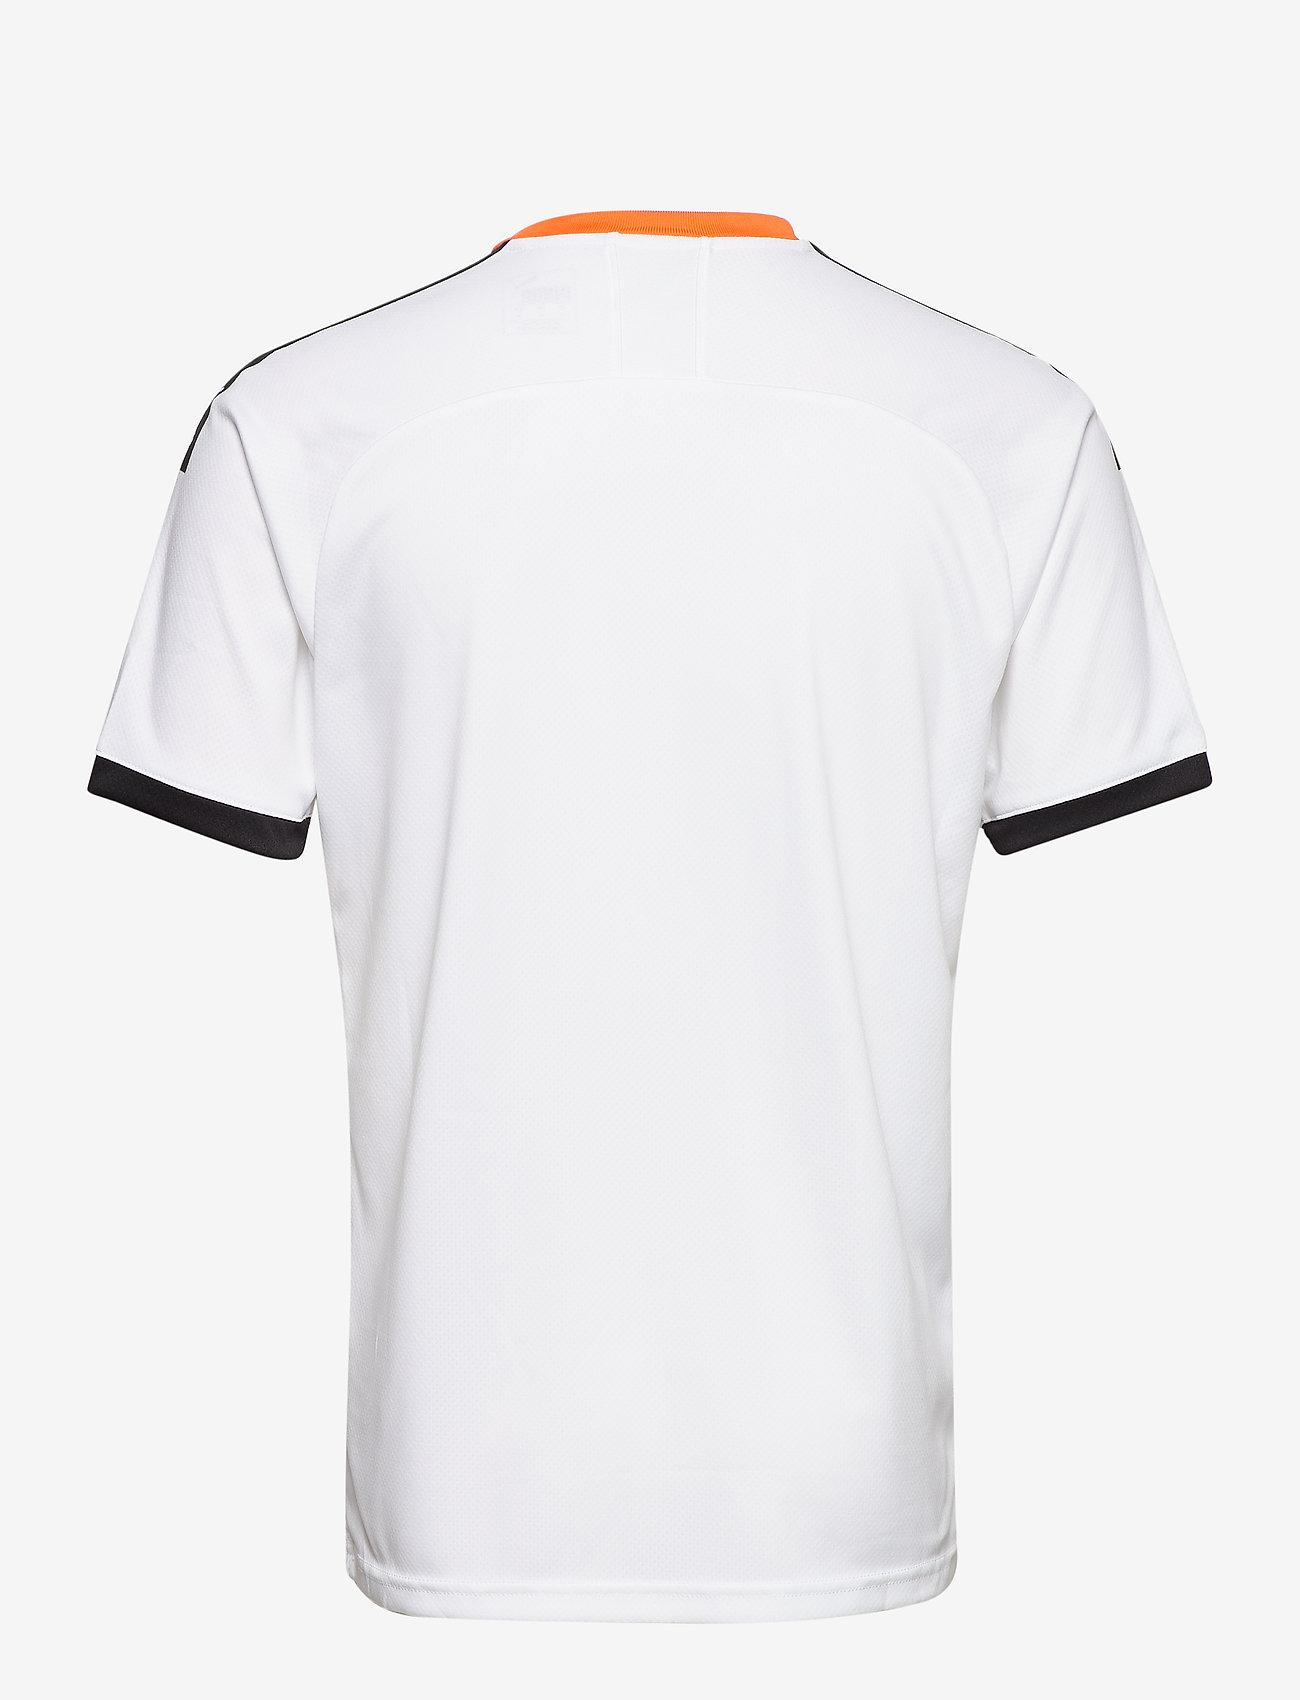 PUMA - VCF Home Shirt Replica - football shirts - puma white-puma black-vibrant orang - 1